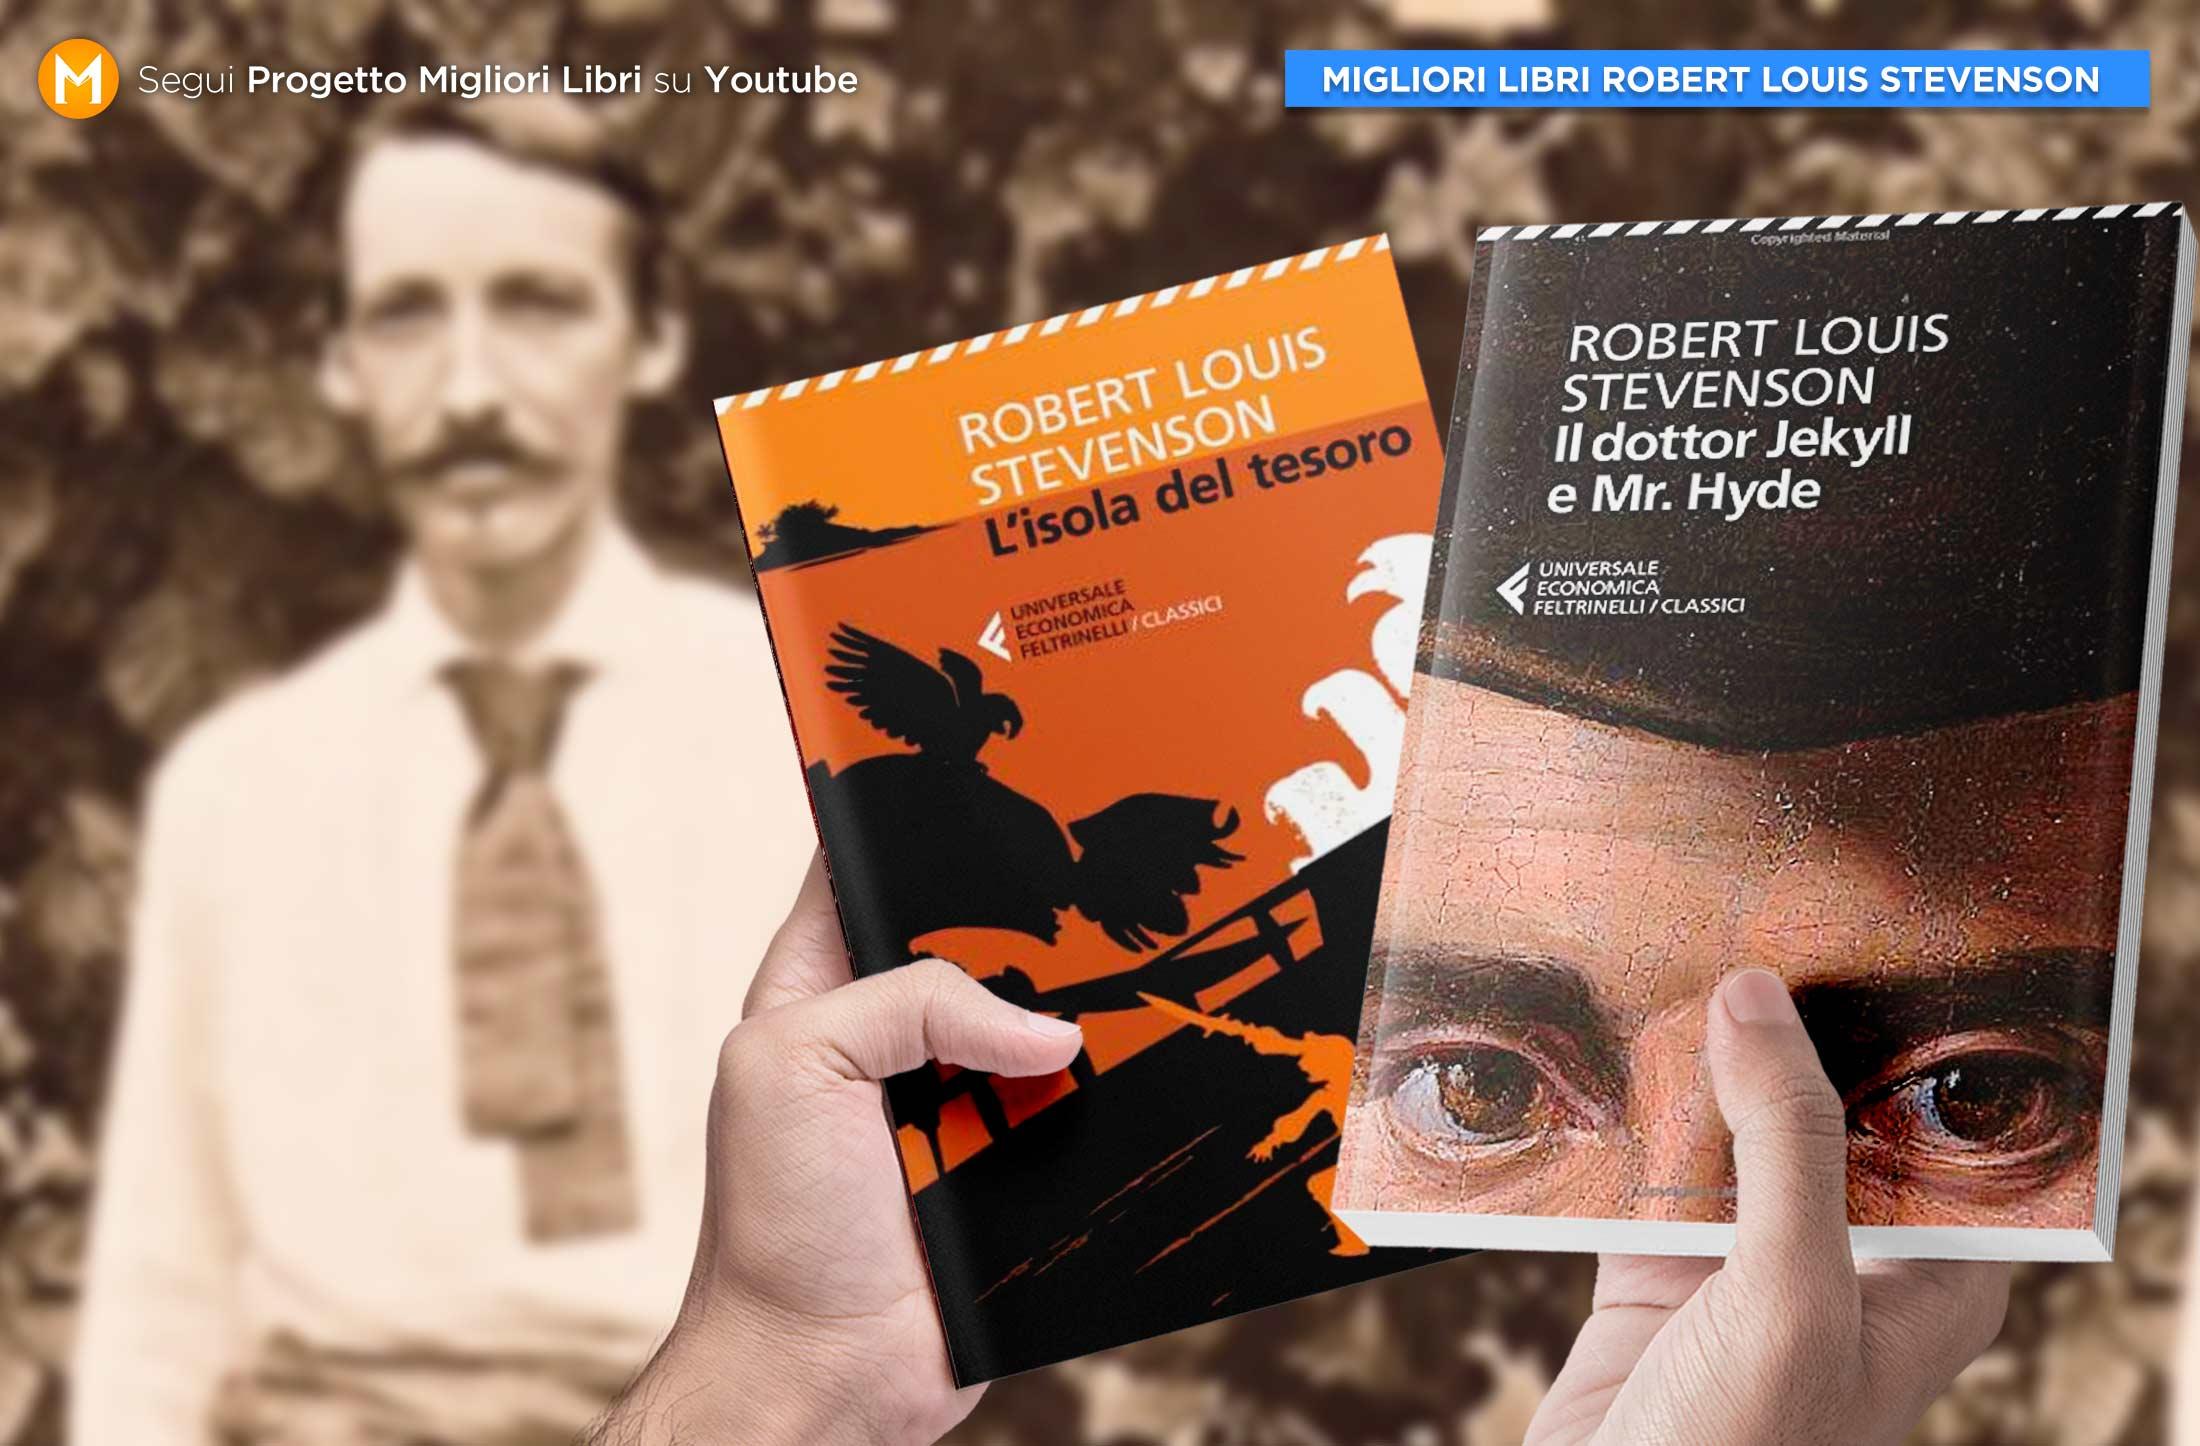 migliori-libri-robert-louis-stevenson